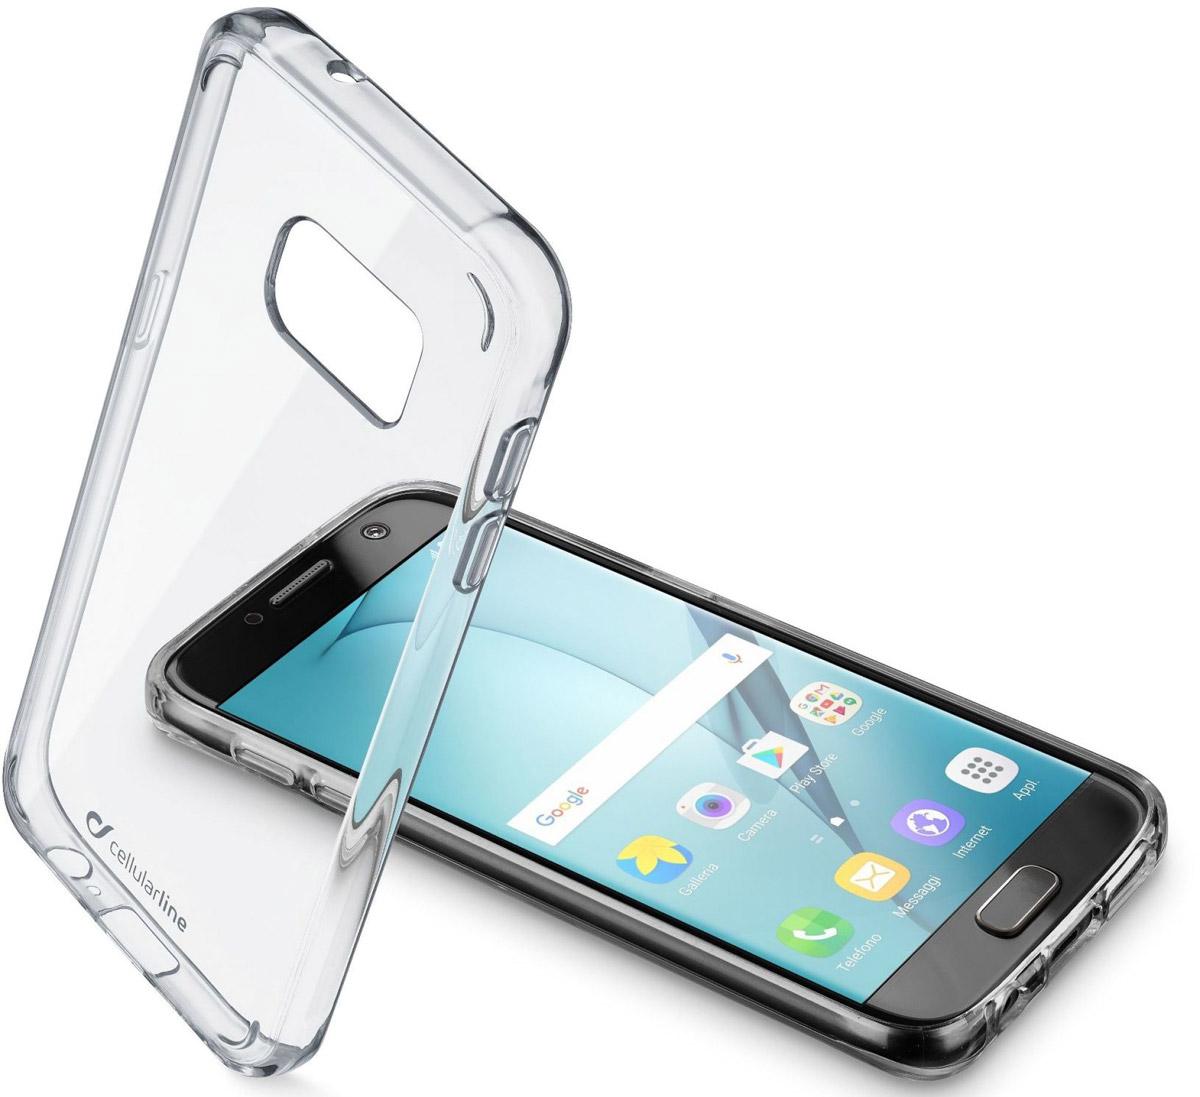 Cellular Line Clear Duo чехол для Samsung Galaxy A5 (2017)CLEARDUOGALA517TЧехол-накладка Cellular Line Clear Duo для Samsung Galaxy A5 (2017) обеспечивает надежную защиту корпуса смартфона от механических повреждений и надолго сохраняет его привлекательный внешний вид. Накладка выполнена из двухкомпонентного материала: жесткая задняя часть и мягкие края. Чехол также обеспечивает свободный доступ ко всем разъемам и клавишам устройства.